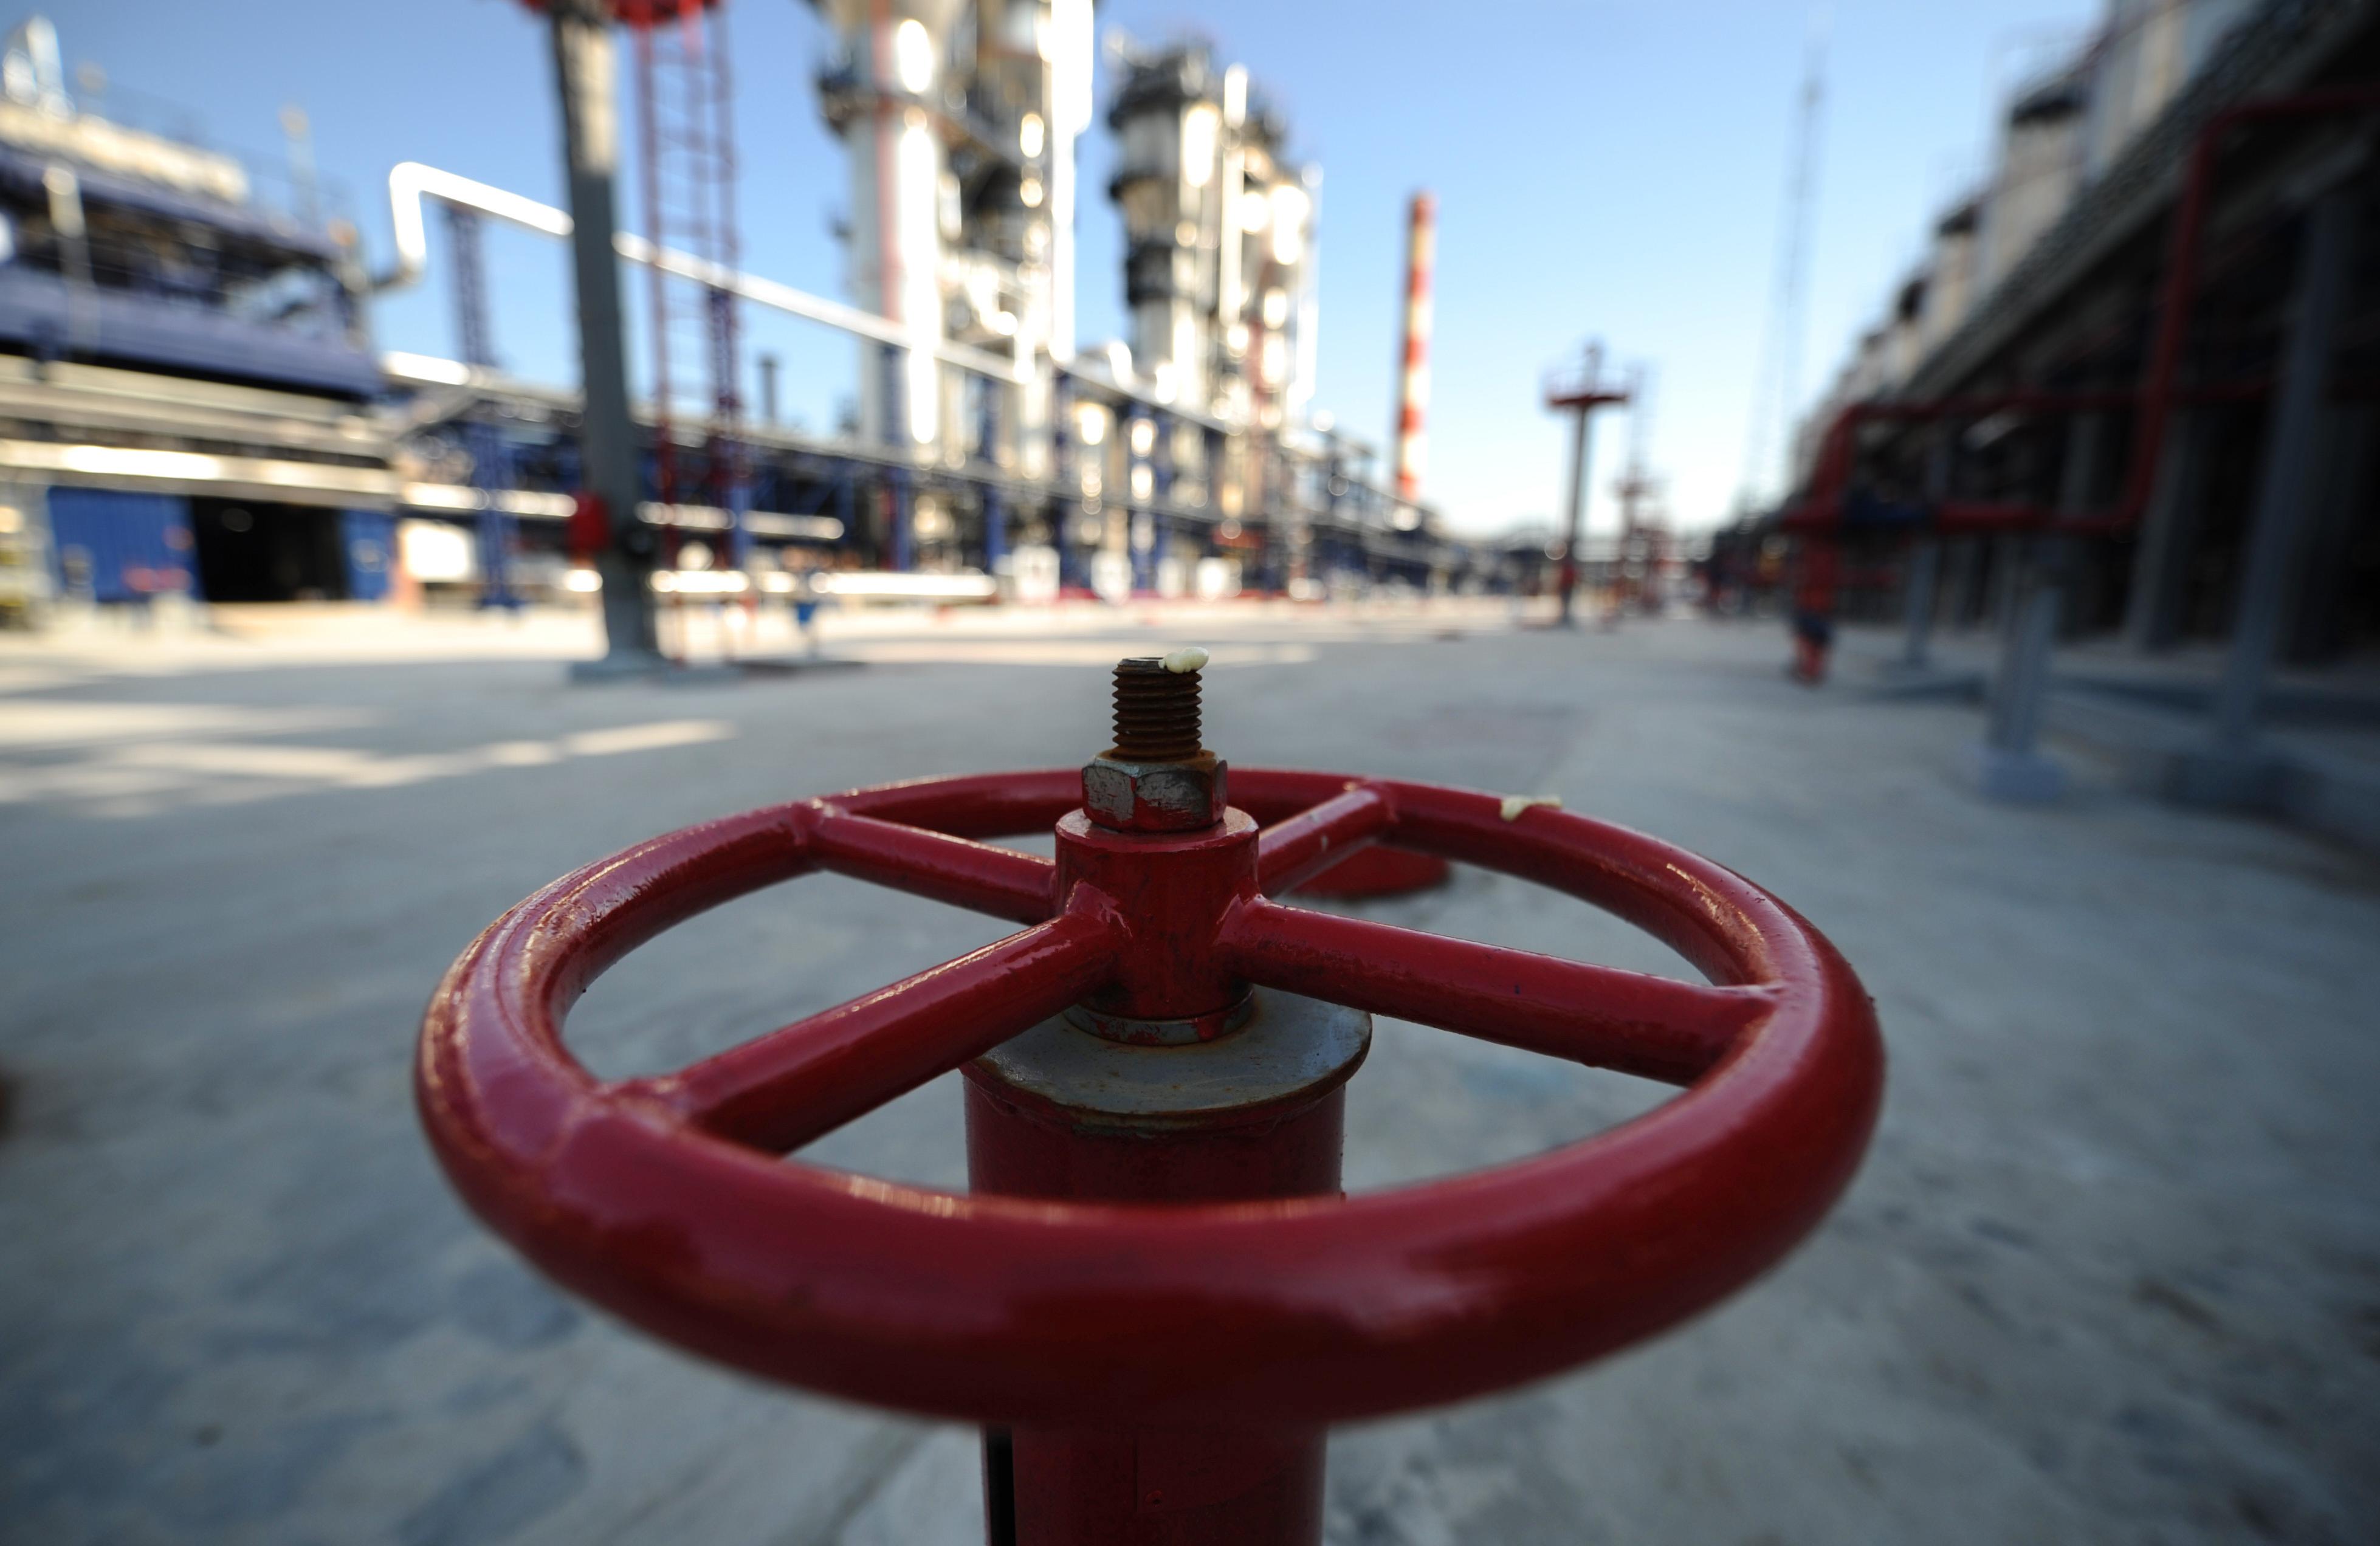 """""""Продажбата на 3 милиарда кубически метра на спотовия пазар от """"Газпром"""" може да се определи като пробна топка"""", смята доцентът Иван Капитонов."""